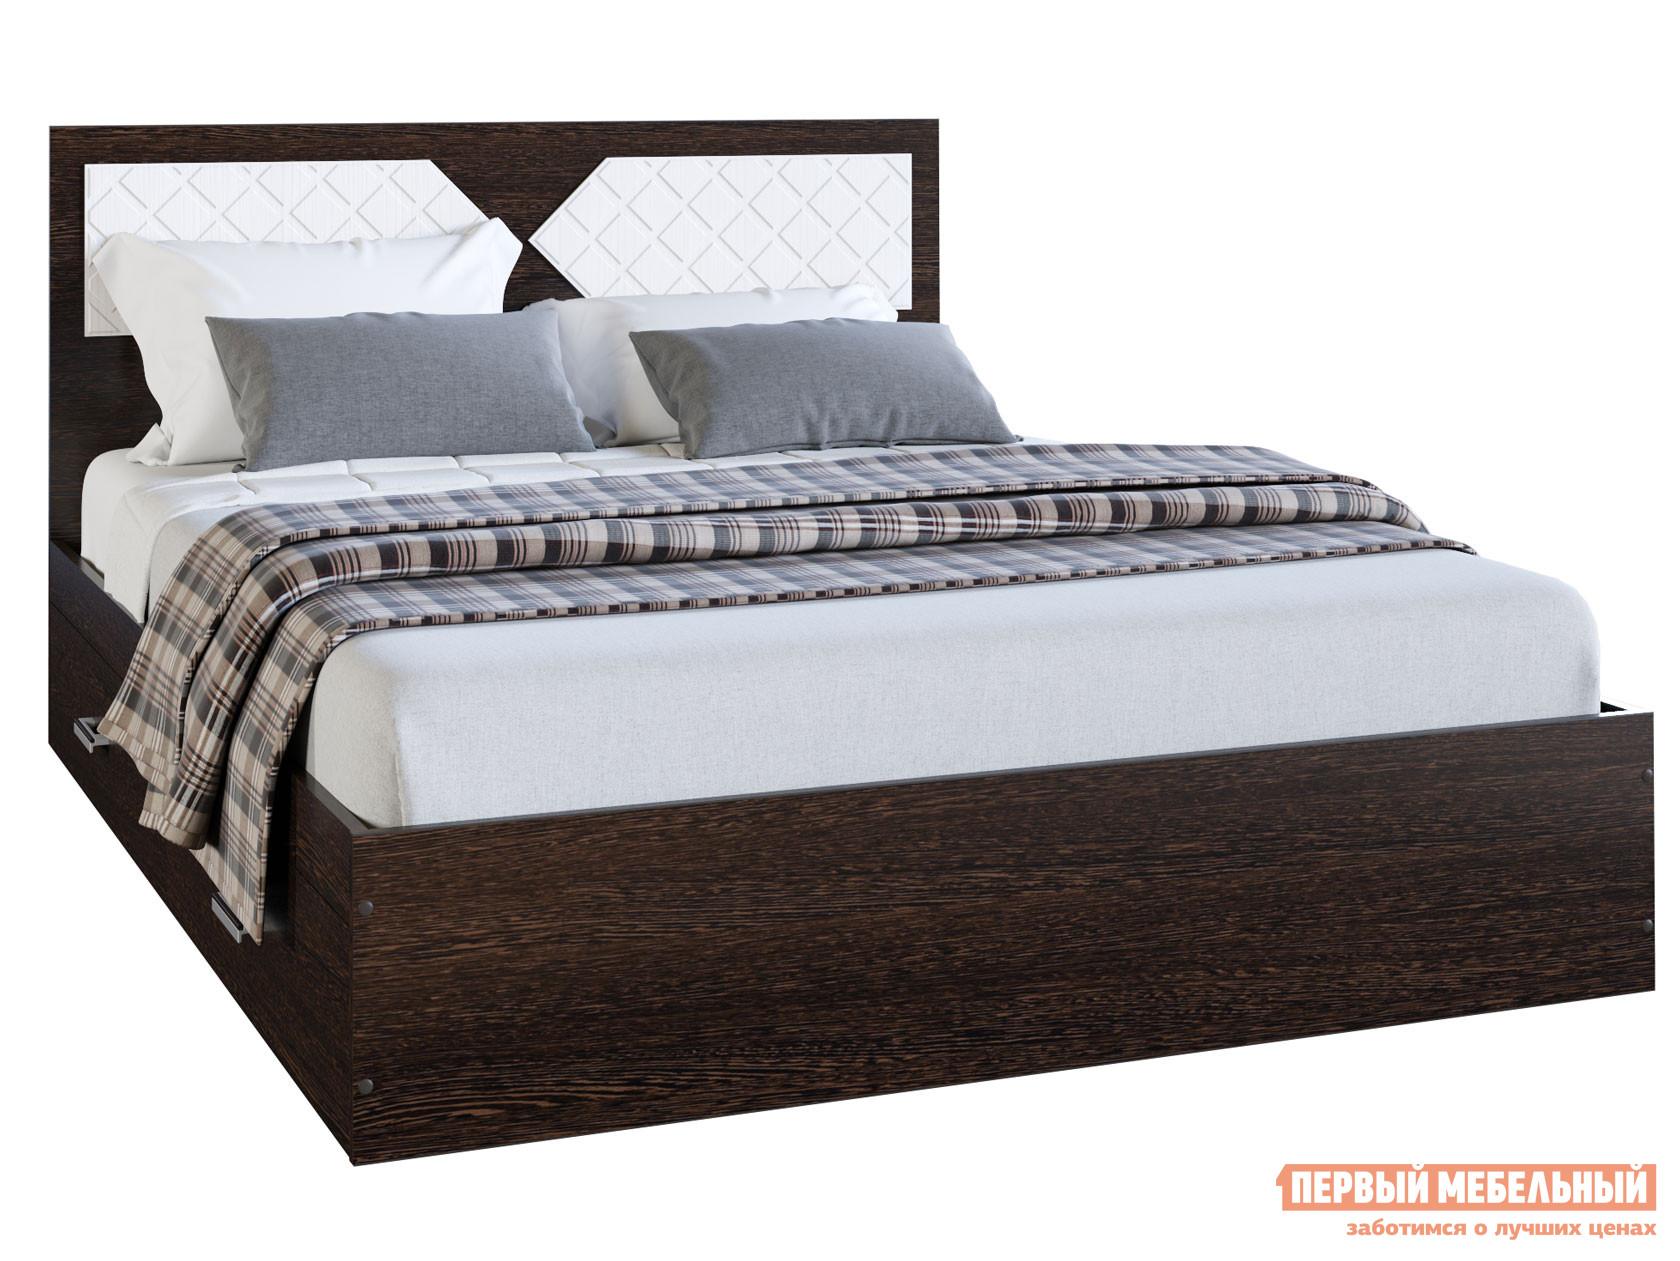 Двуспальная кровать  Кровать Вероника Венге / Лиственница светлая, 1400 Х 2000 мм — Кровать Вероника Венге / Лиственница светлая, 1400 Х 2000 мм